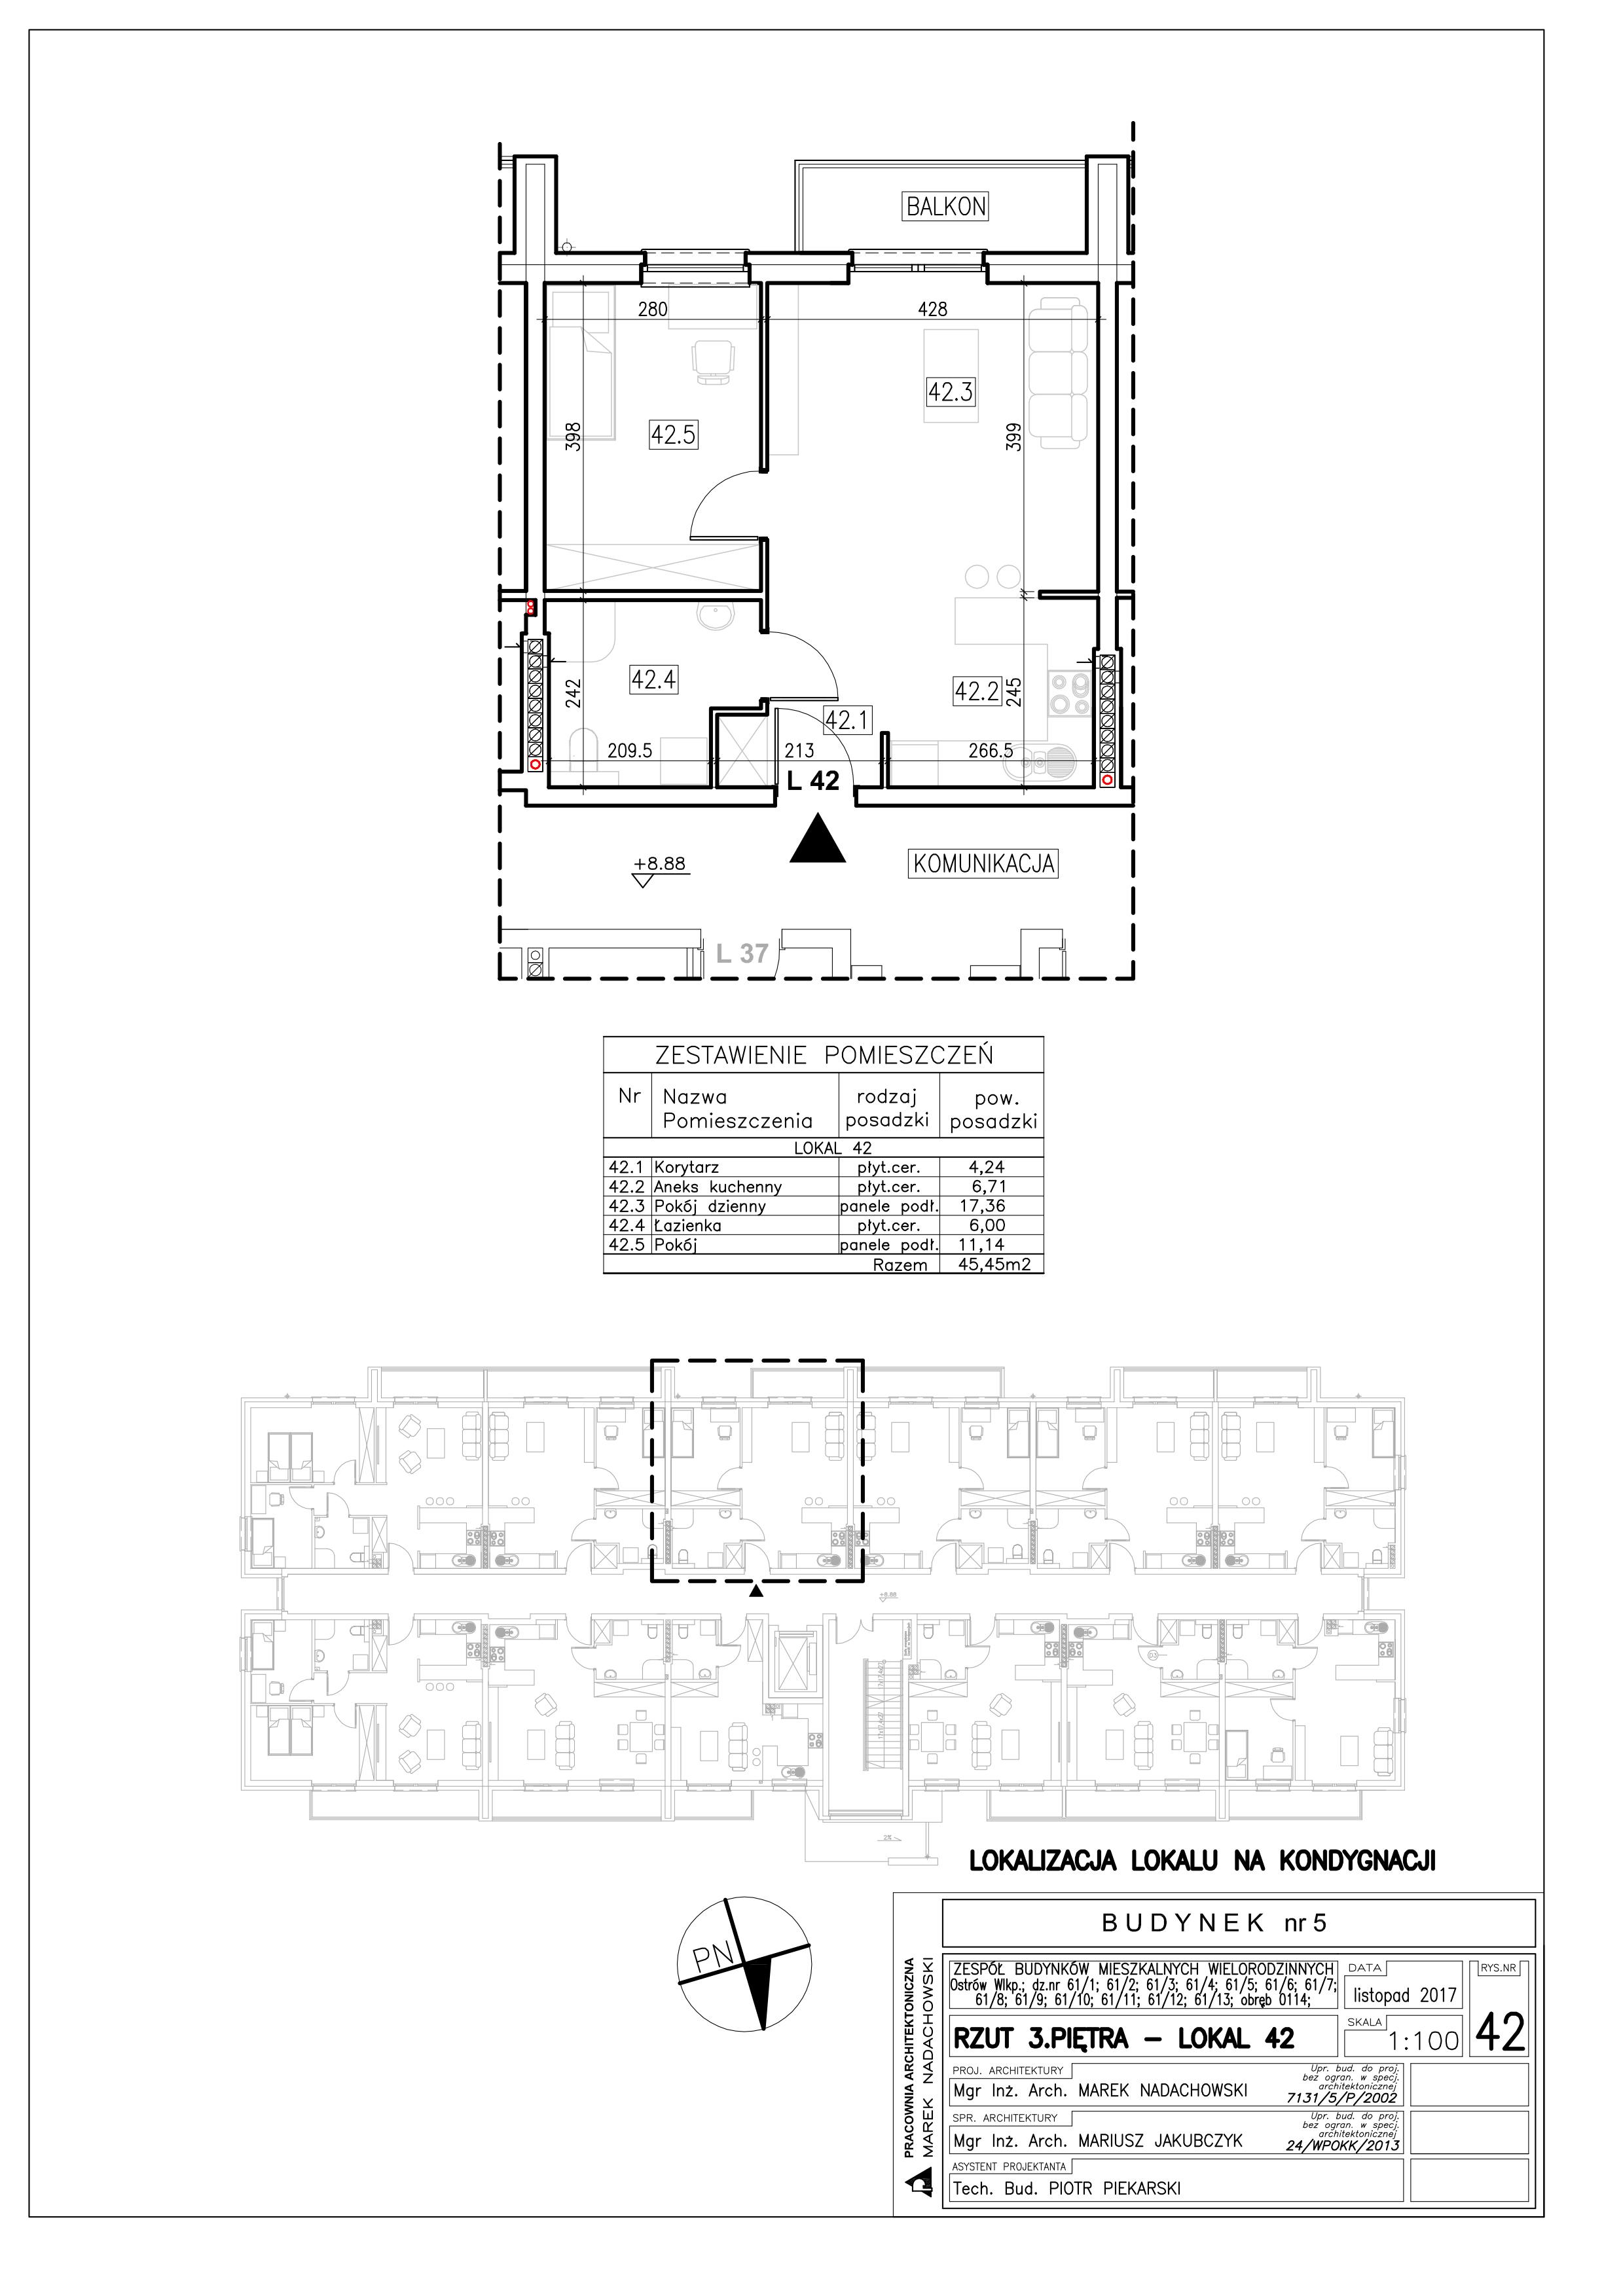 Lokal nr 42 Powierzchnia: 45,45 m2